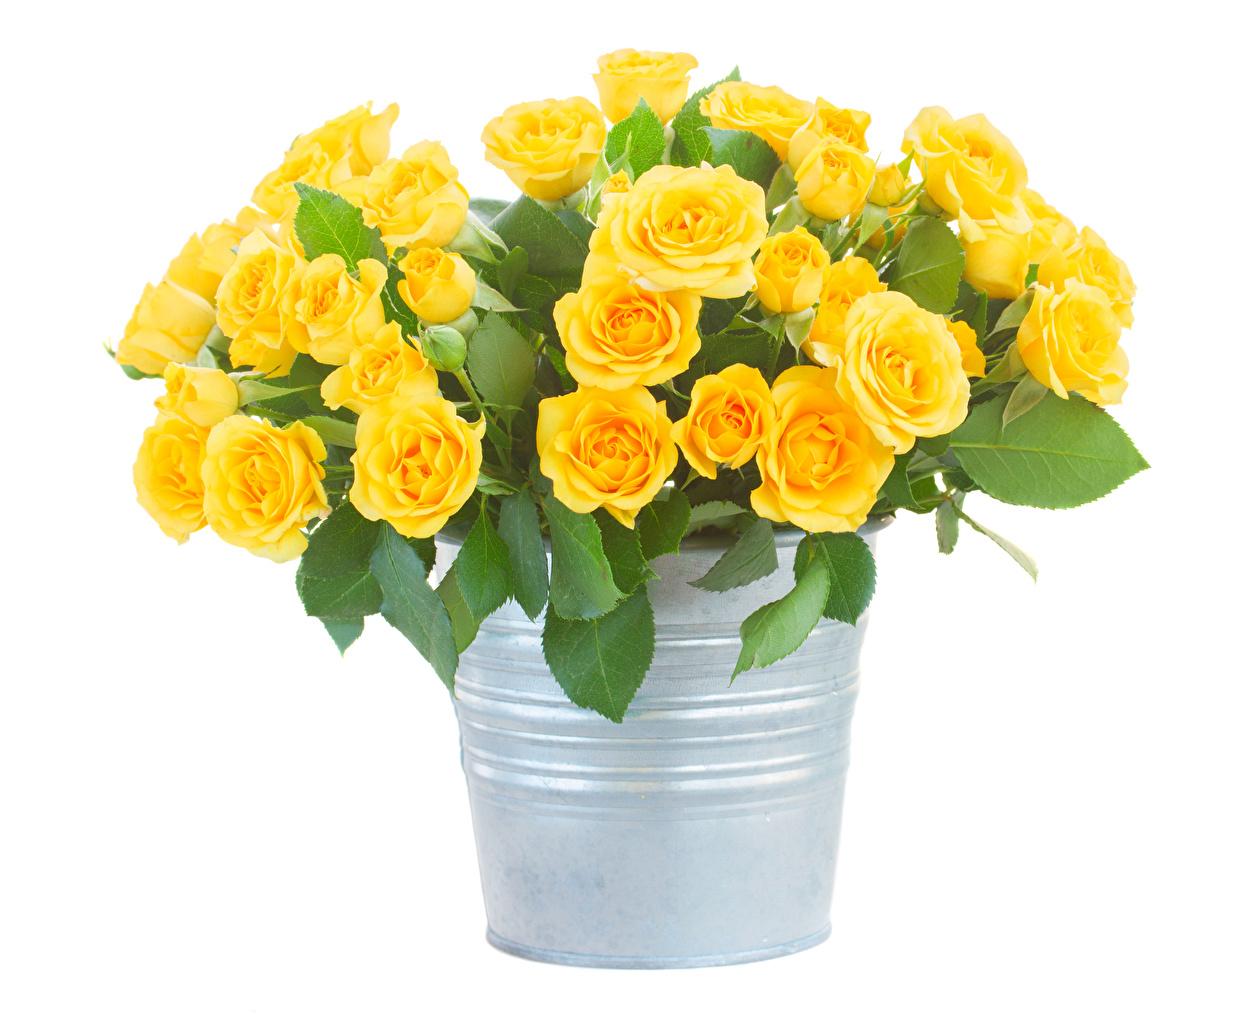 Картинка Розы ведра Желтый цветок Белый фон роза ведре Ведро желтых желтая желтые Цветы белом фоне белым фоном